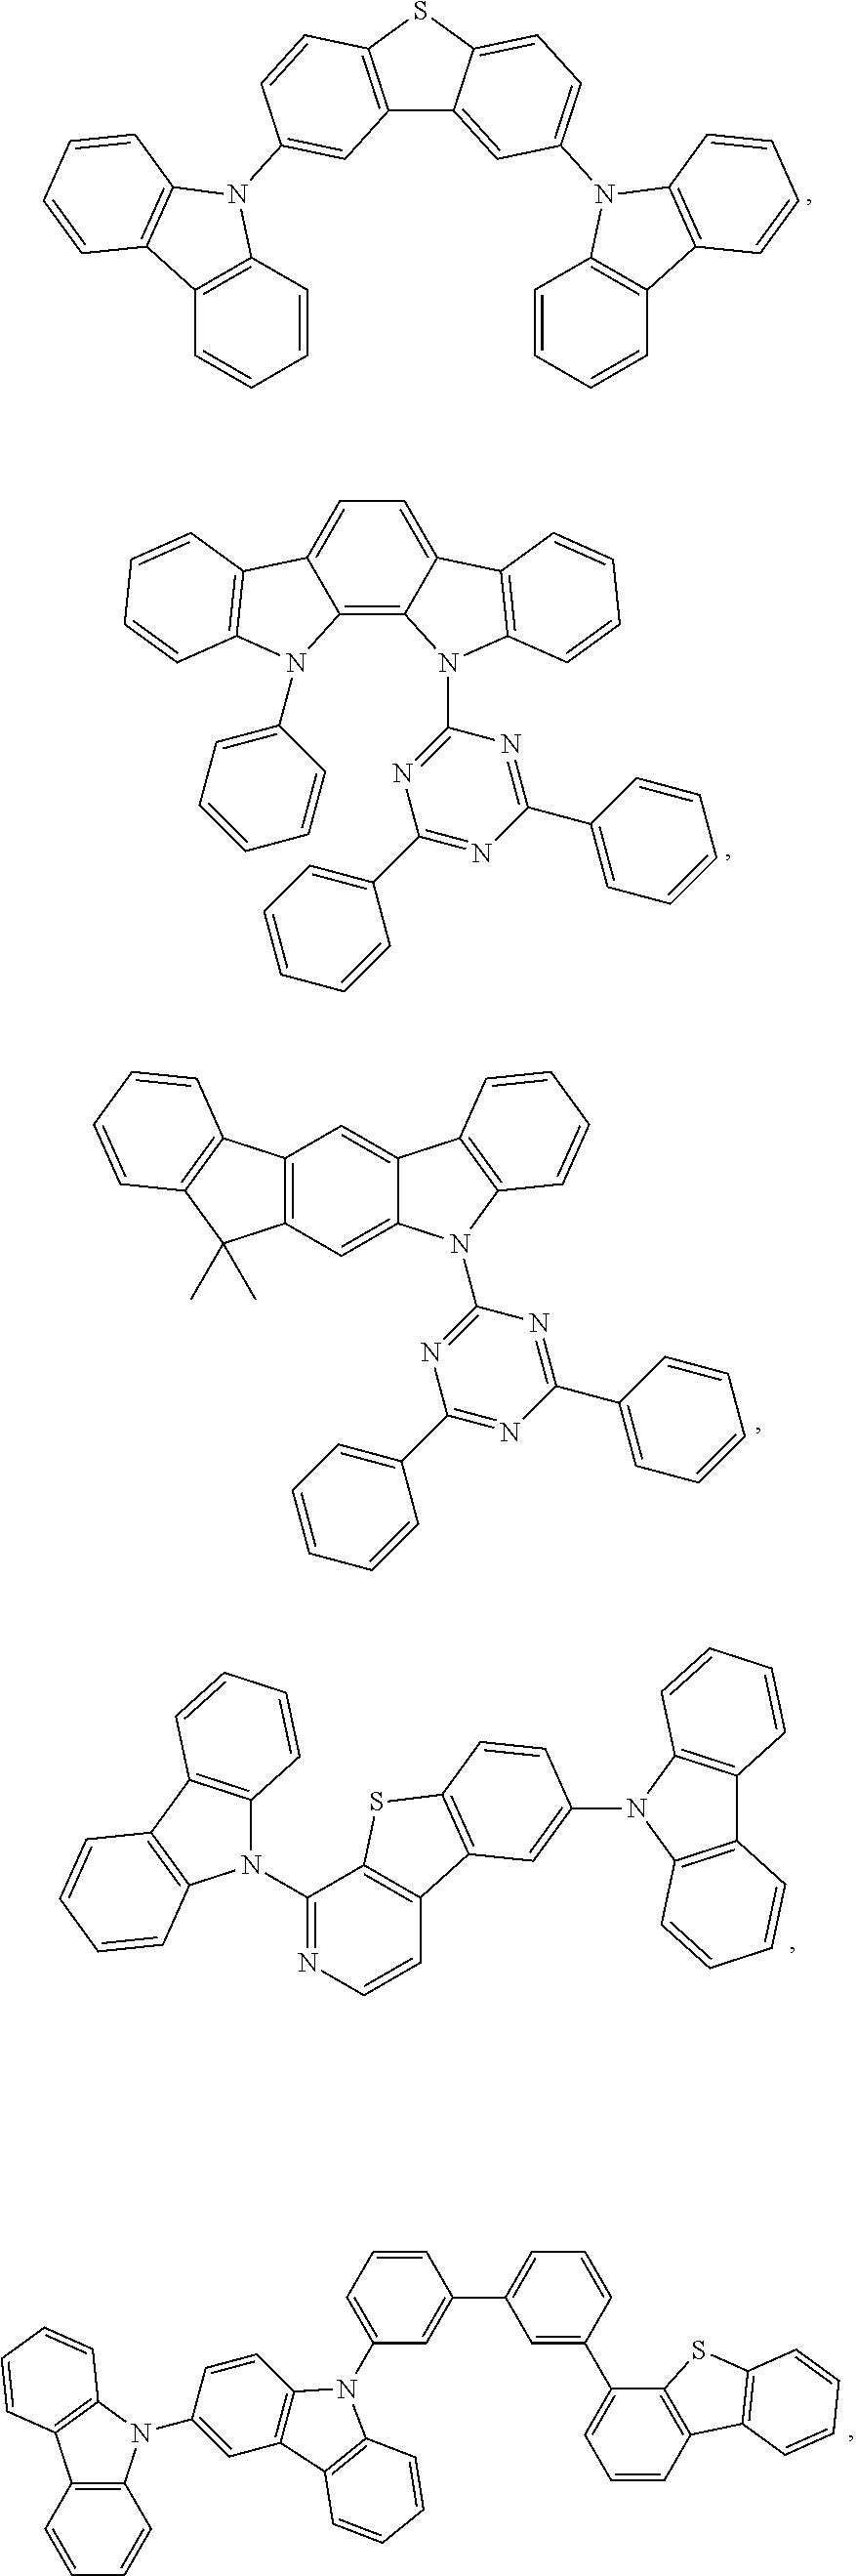 Figure US10144867-20181204-C00167